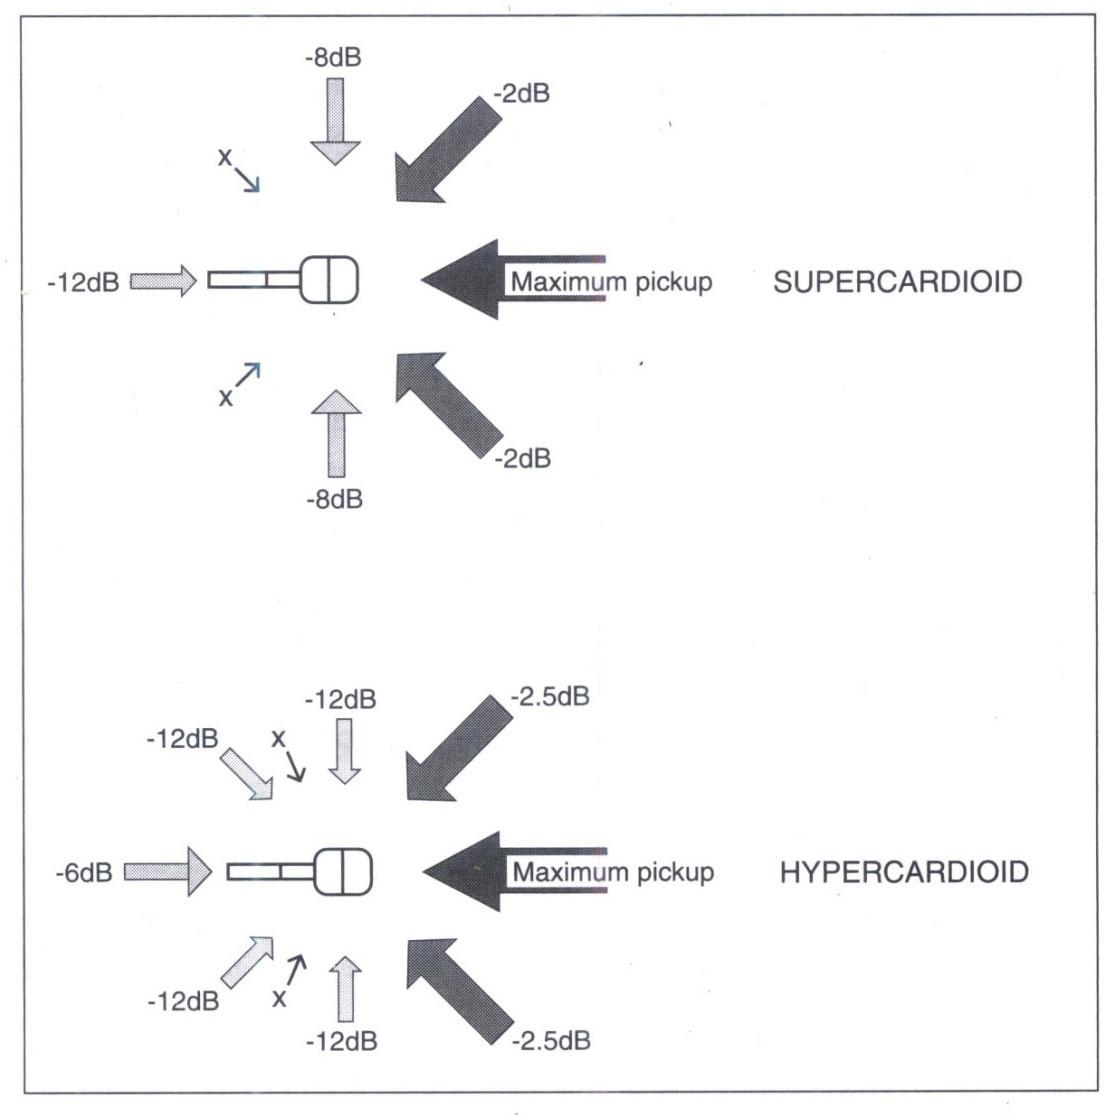 Đáp ứng định hướng của supercardioid và hypercardioid.